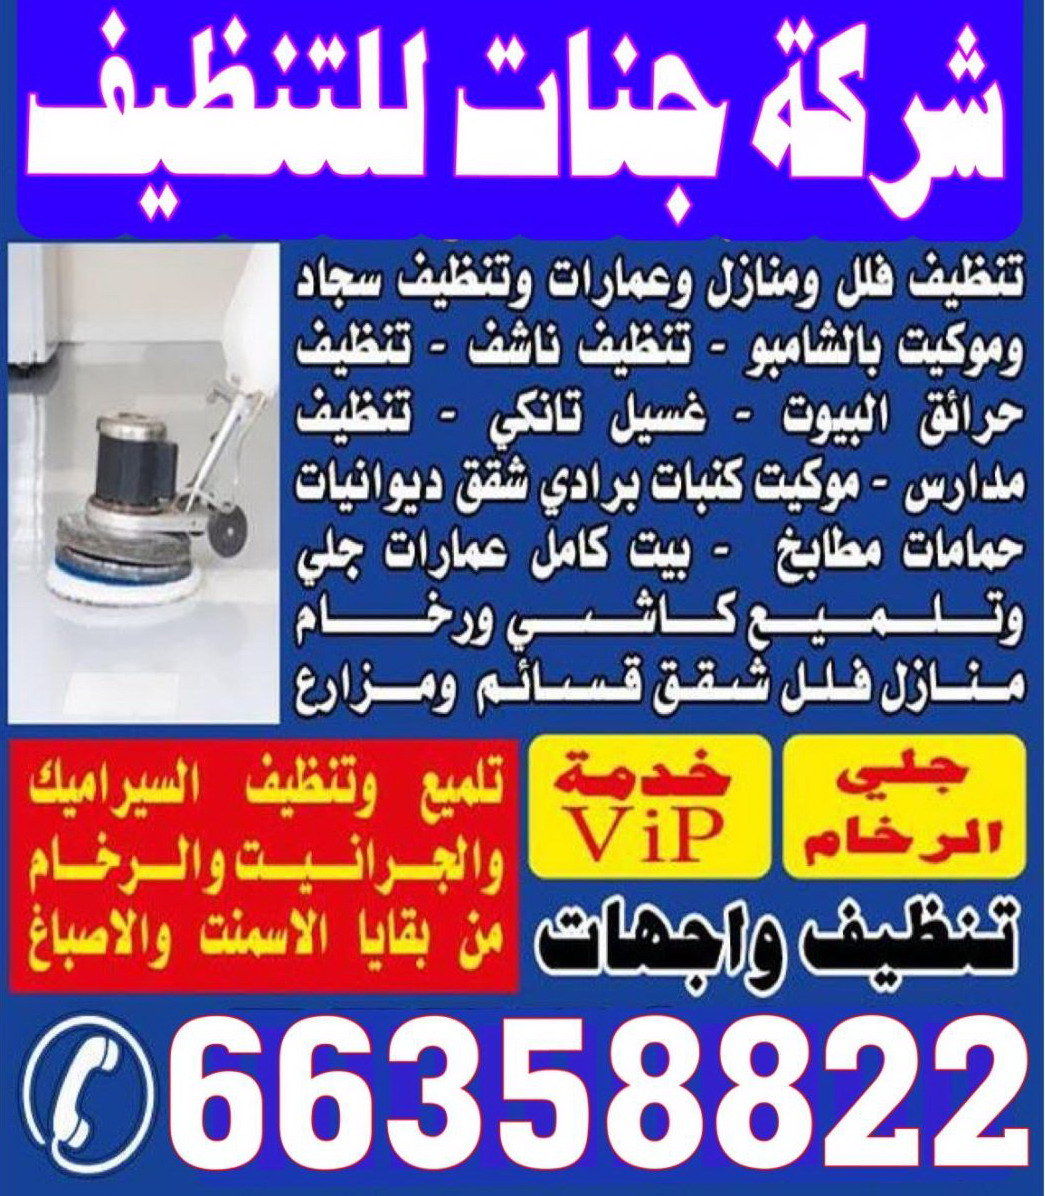 شركات تنظيف - شركة جنات للتنظيف 66358822